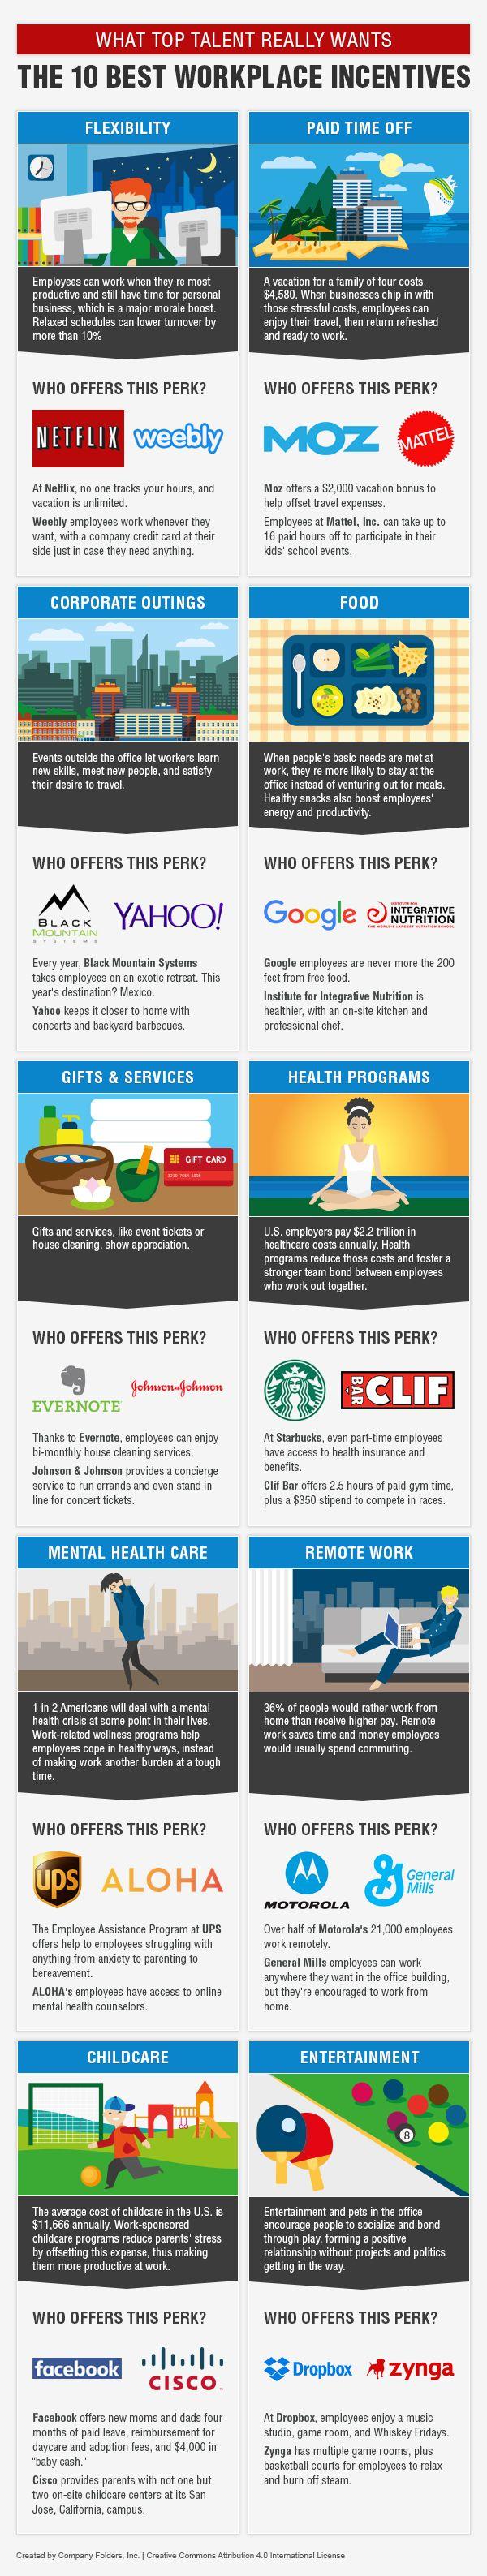 best Employment u Reemployment Information images on Pinterest